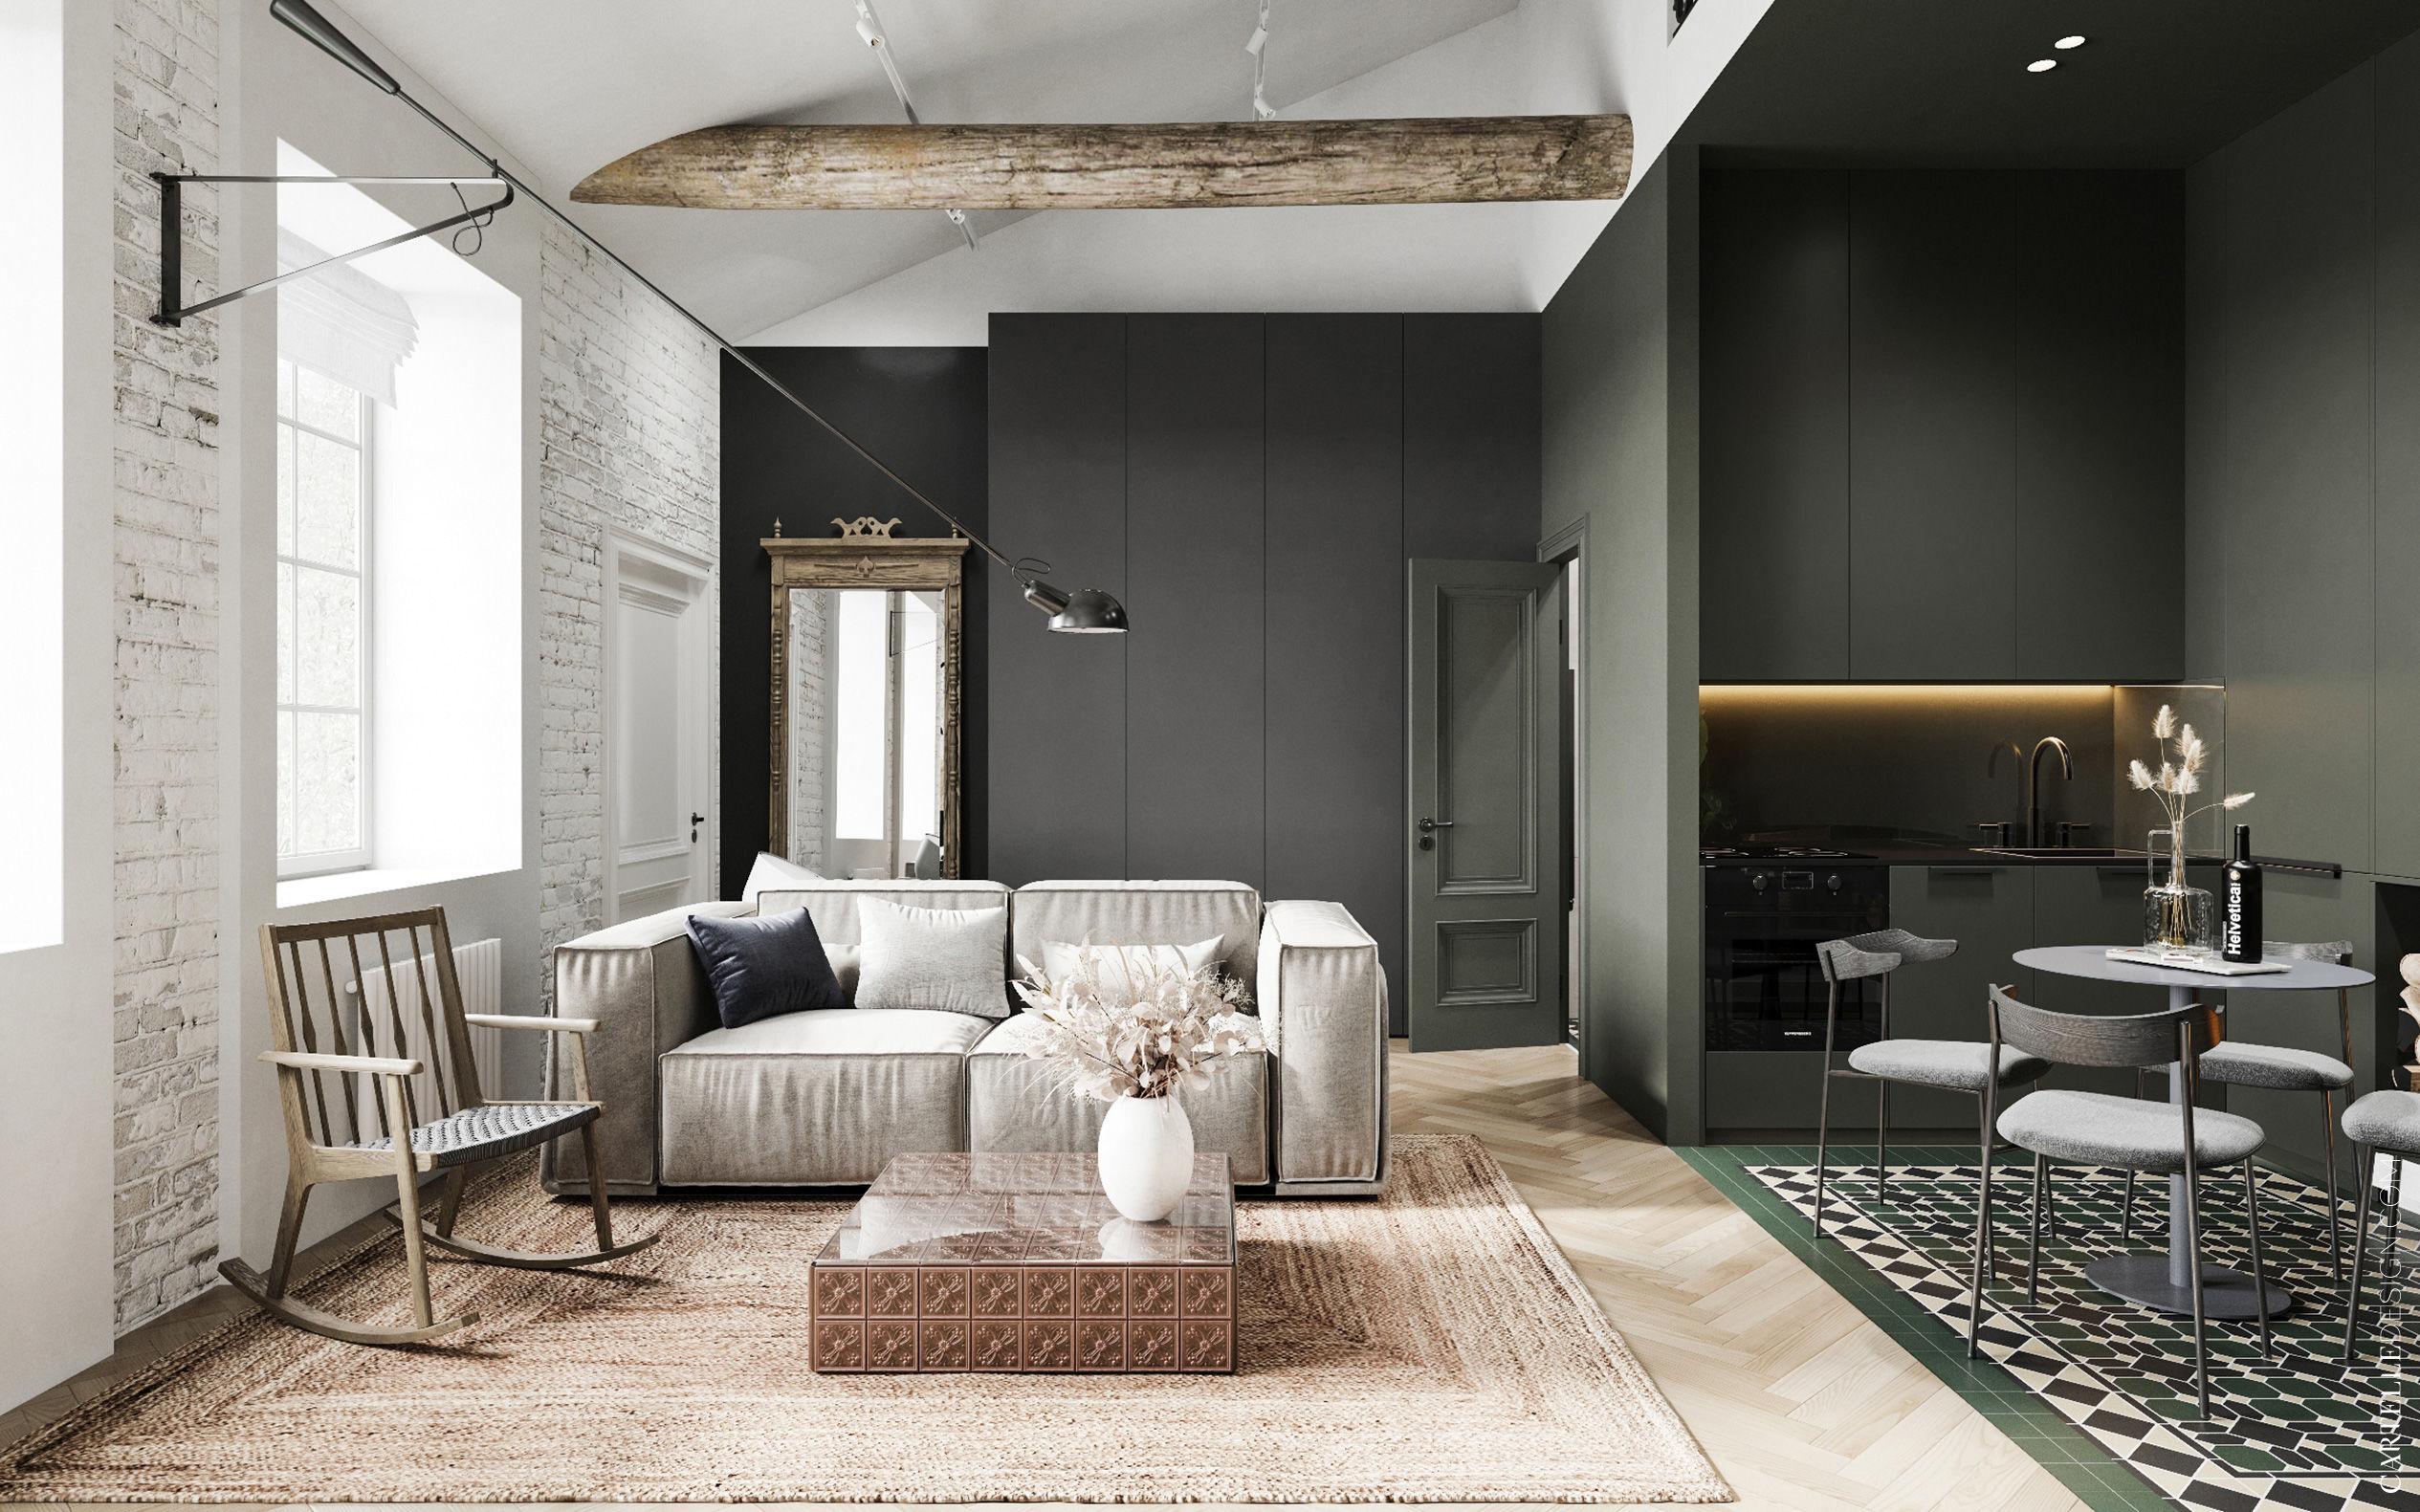 Minimál stílus, minimál design, modern stílus, modern design, minimál dizájn, modern dizájn, rusztikus design, rusztikus dizájn, lakásfelújítás, modern lakás, kis lakás, kis lakás galériával, lakásfelújítás ötlet, lakásfelújítás inspiráció, inspiráló felújított lakás, led világítás, lámpa, design lámpa, dizájn lámpa, világítás ötletek